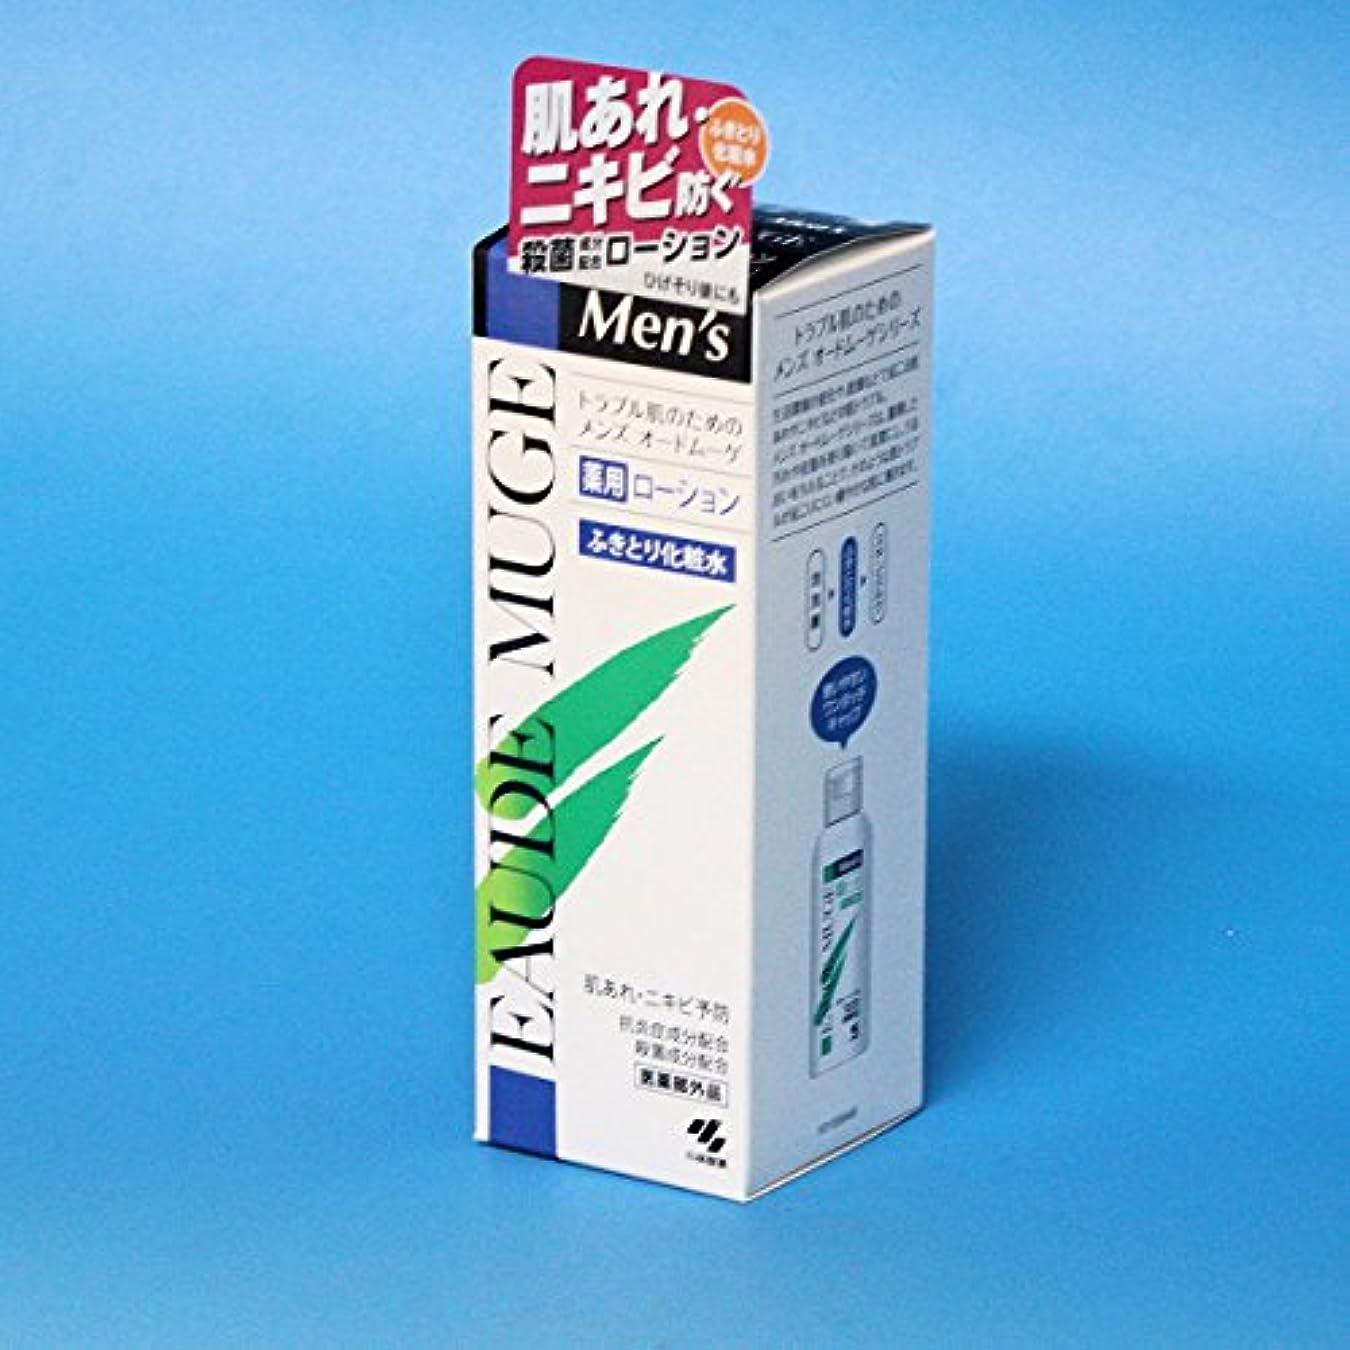 ステープル許されるバックアップメンズ オードムーゲ薬用ローション ふき取り化粧水 160ml